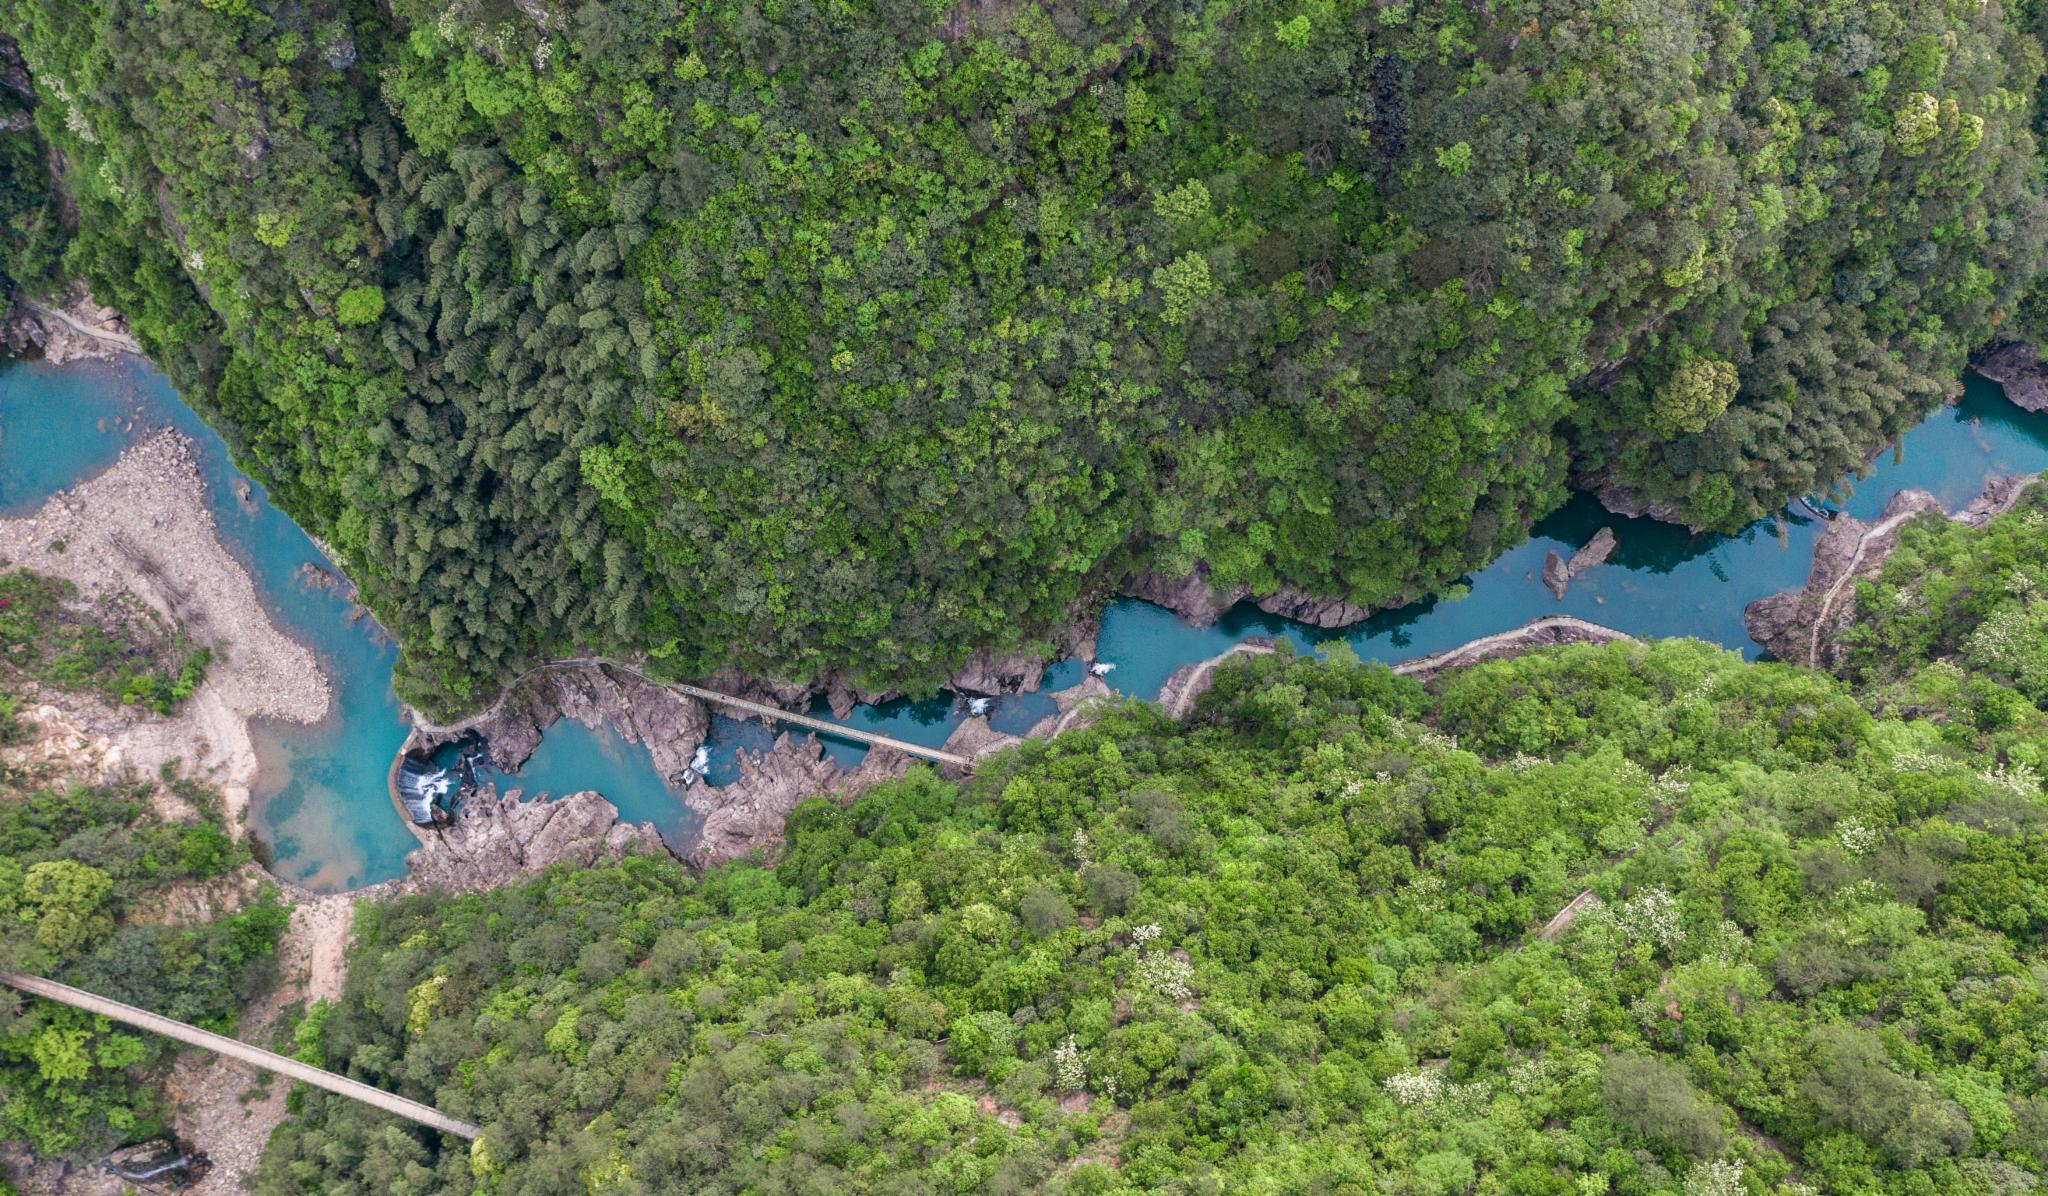 五一自驾浙江磐安,3天2夜看遍浙中最美山水风景